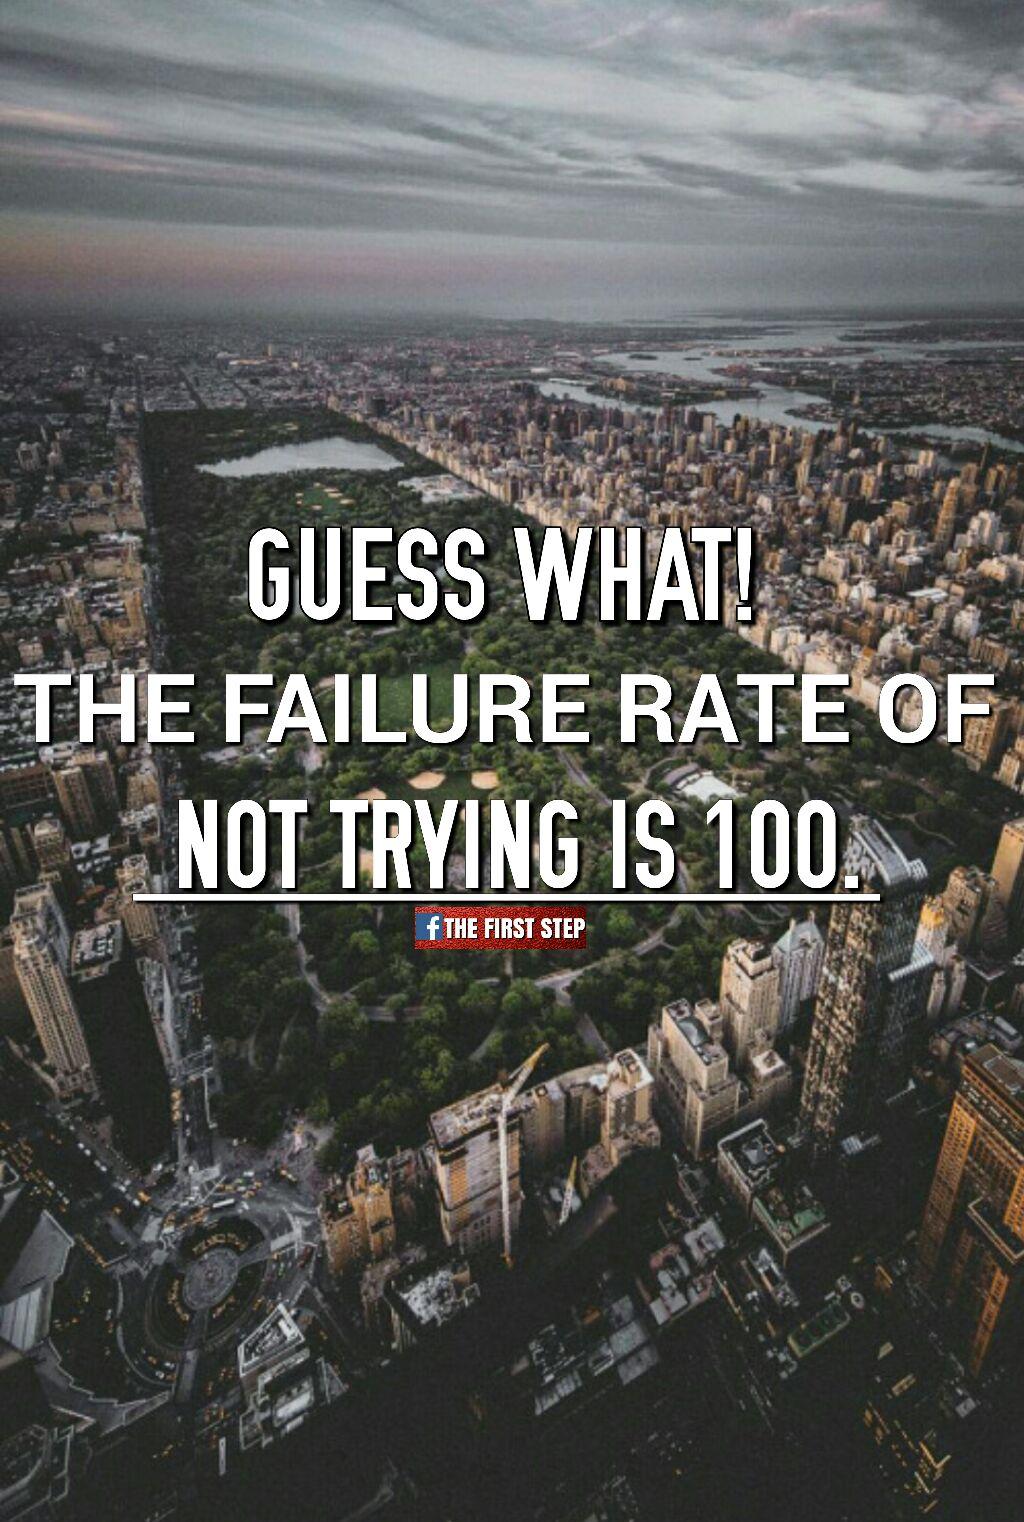 Quote (919)